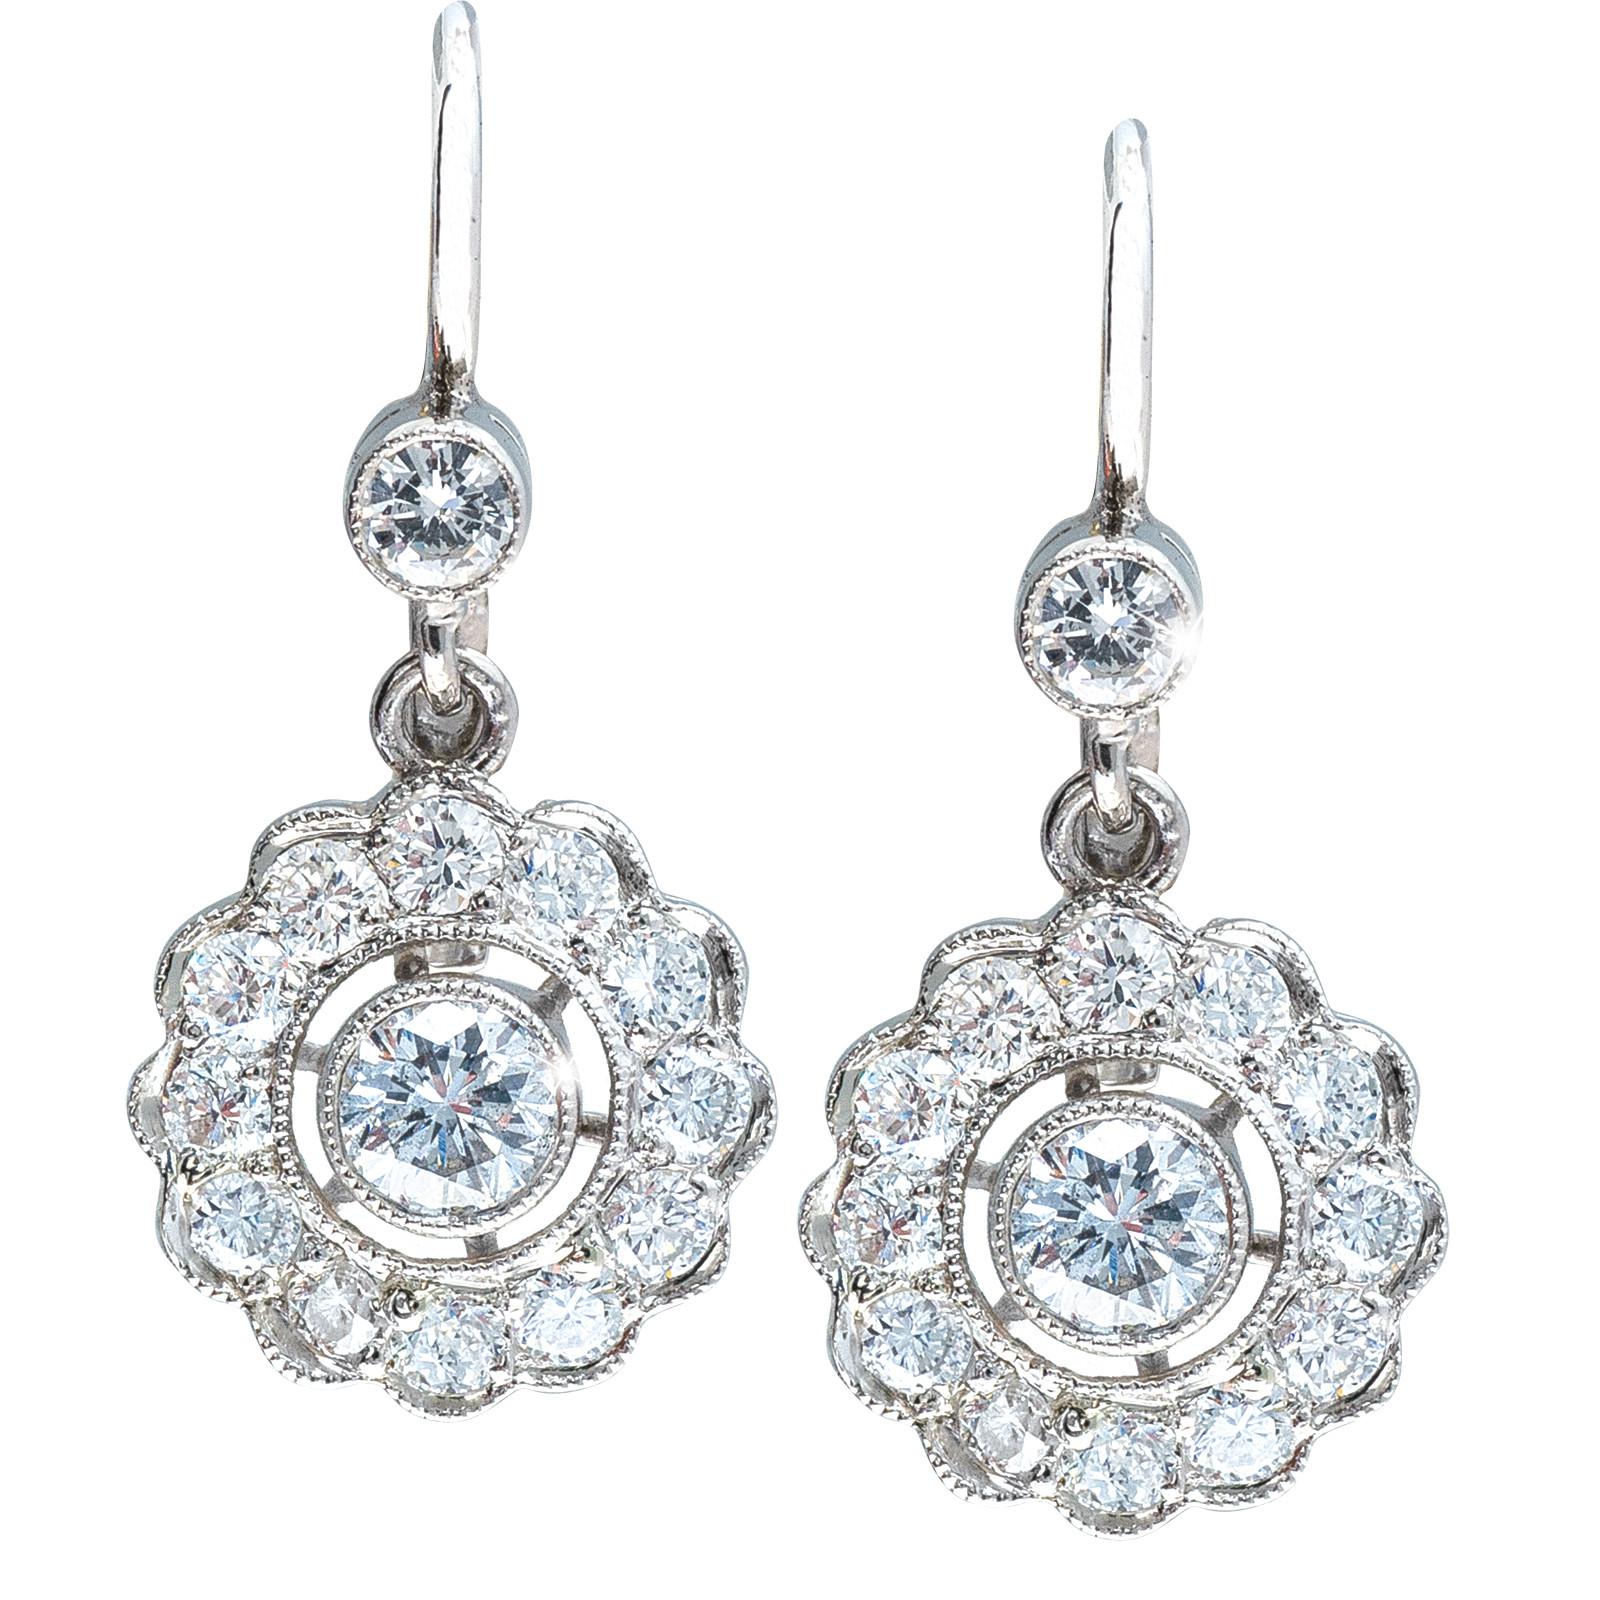 New Art Deco-Inspired 1.00 CTW Diamond Earrings